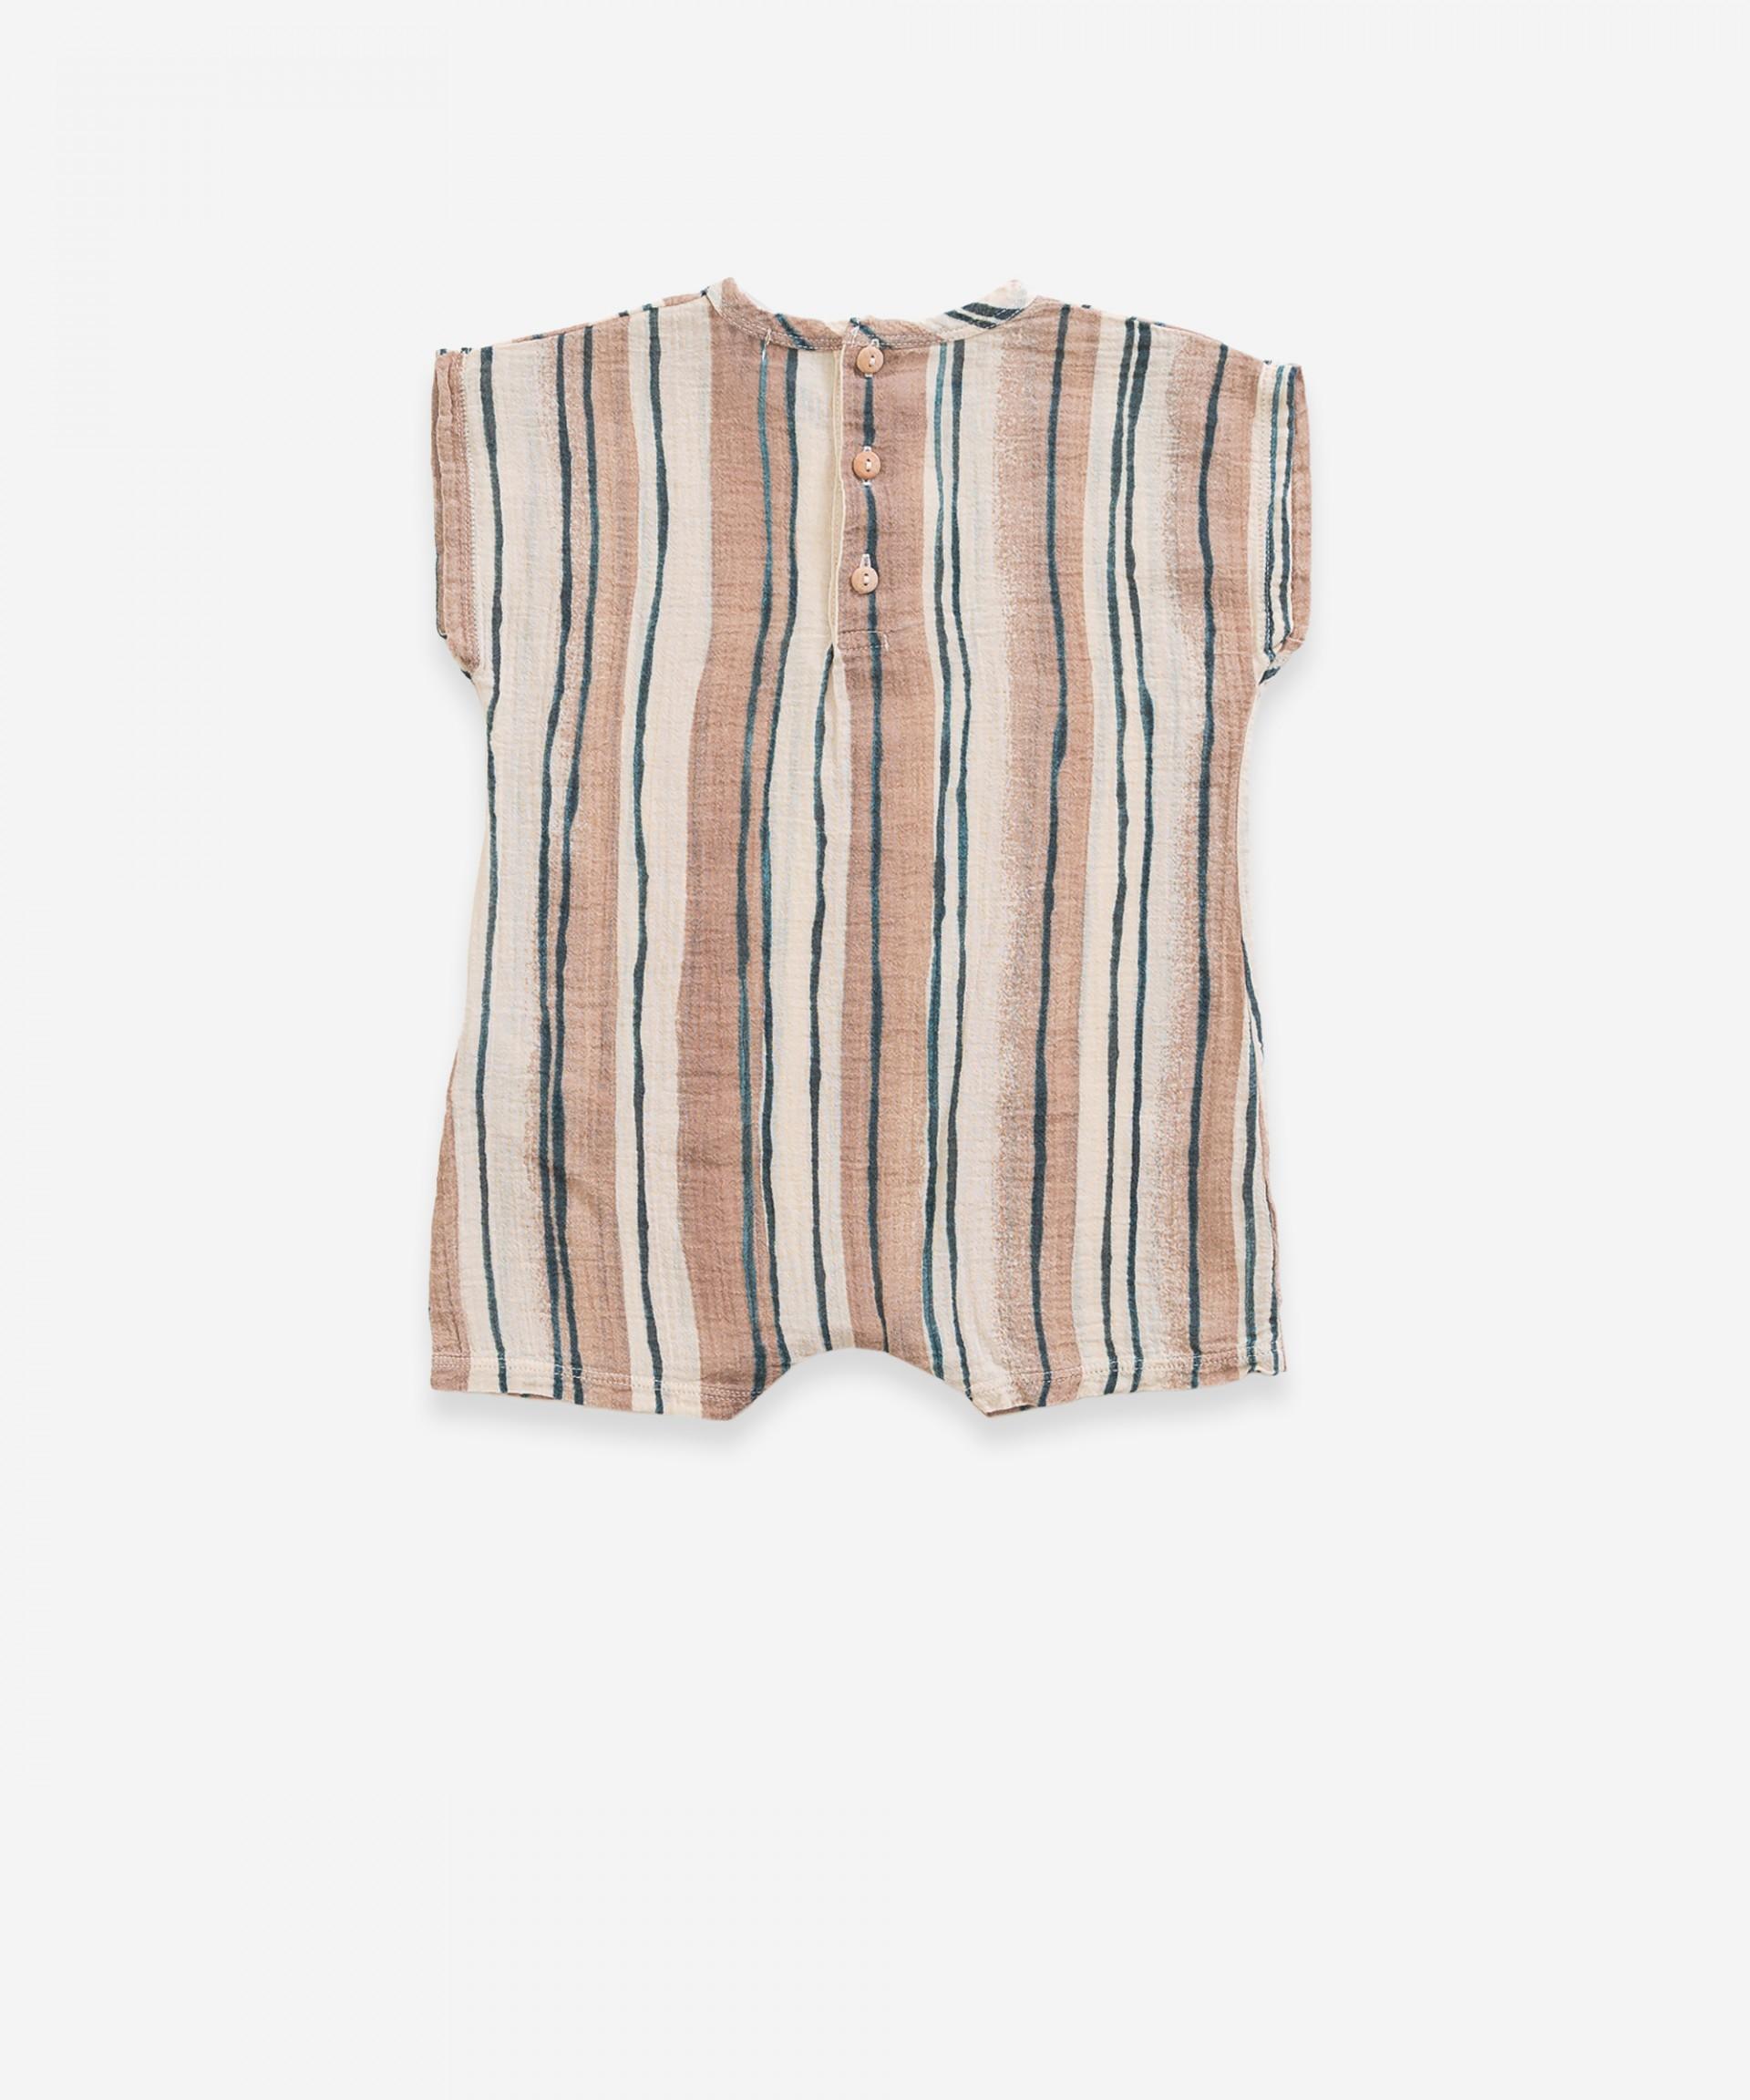 Mono de algodón a rayas | Weaving